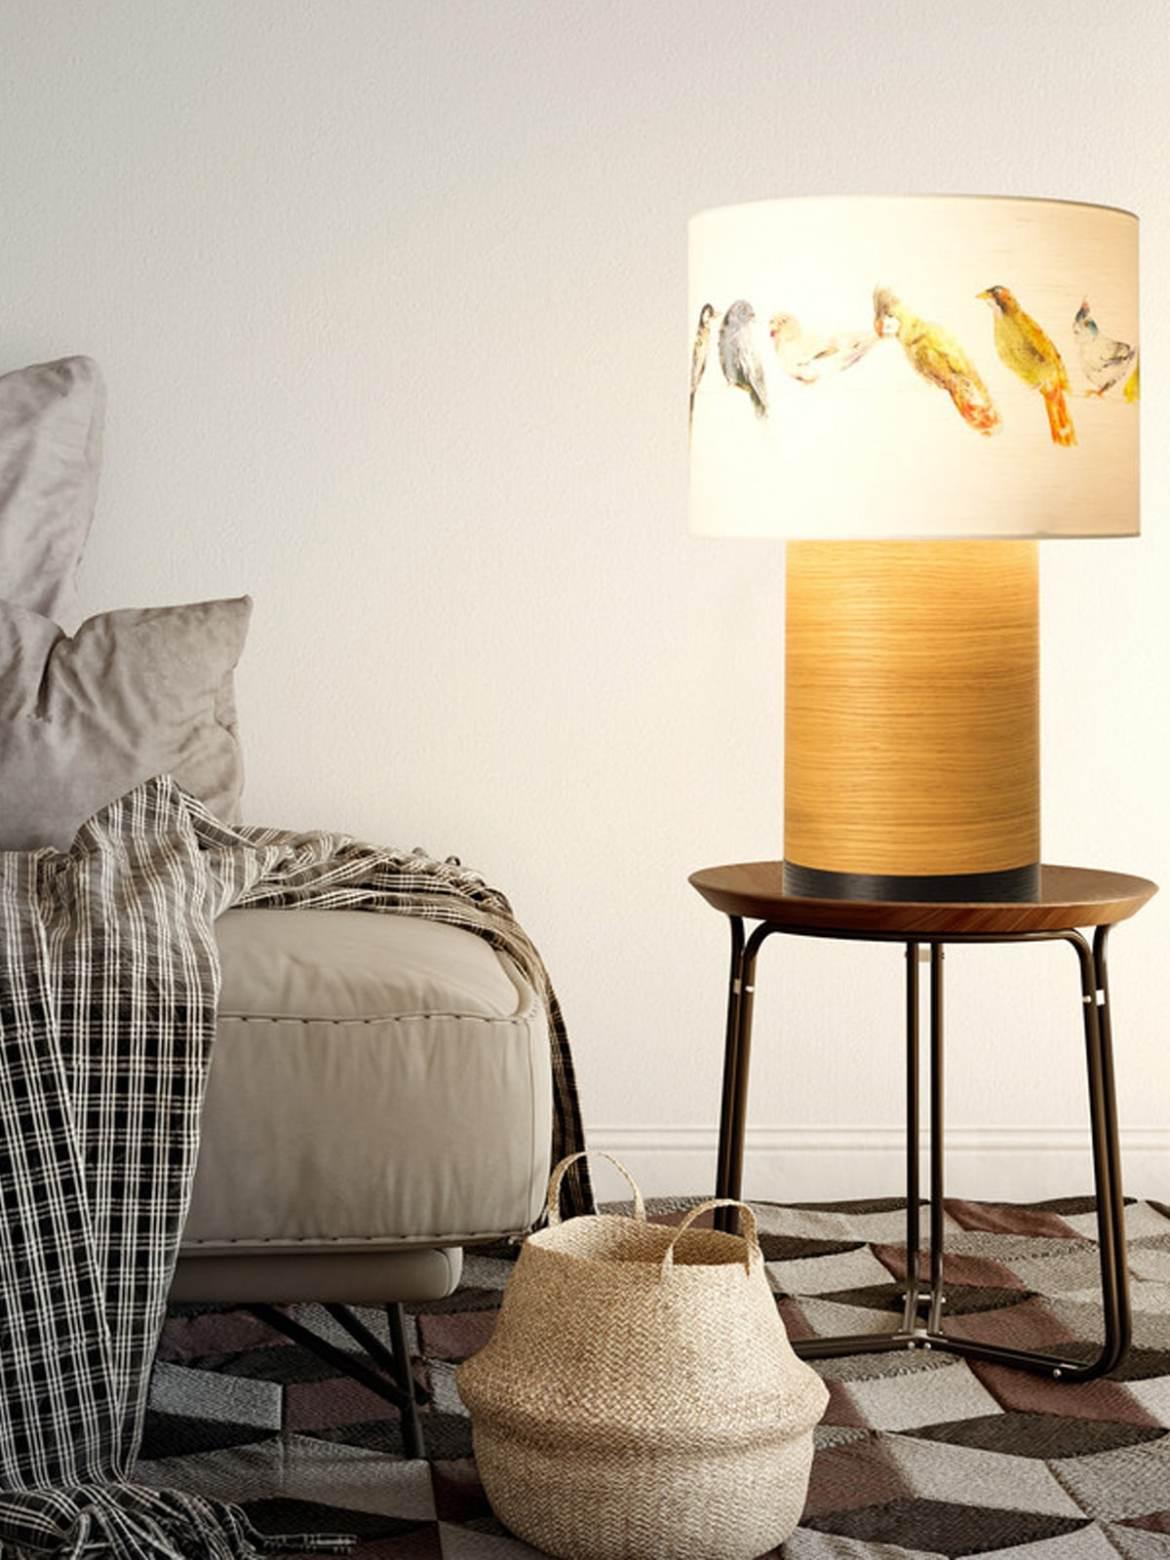 DesignOrt Blog: Bettlampen X Mal Anders Tischlampe Klippa XL von Domus aus nachhaltigem Holz + Textil